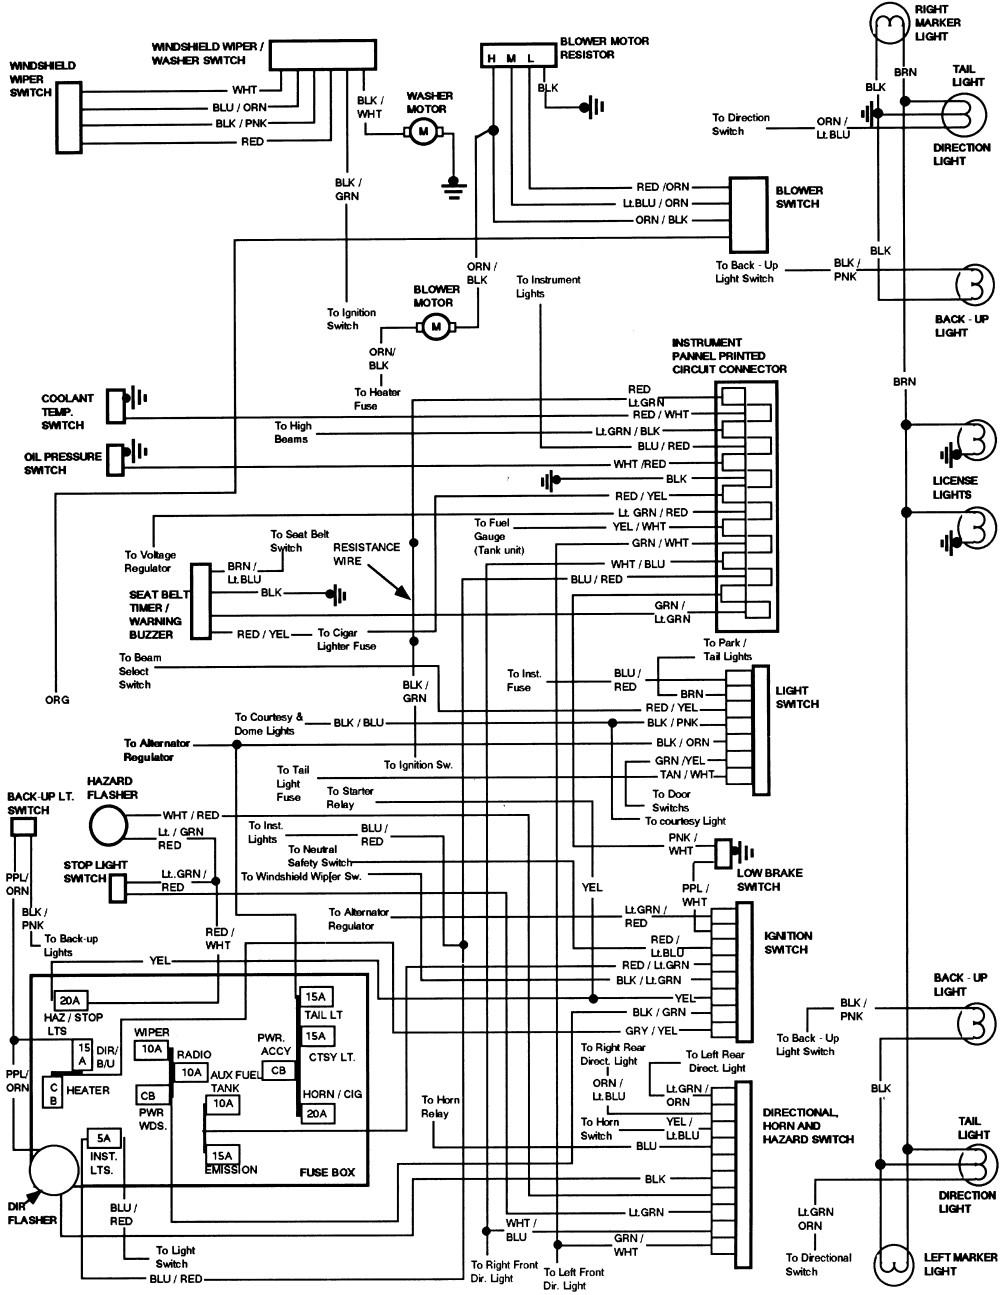 1995 ford f150 trailer wiring diagram